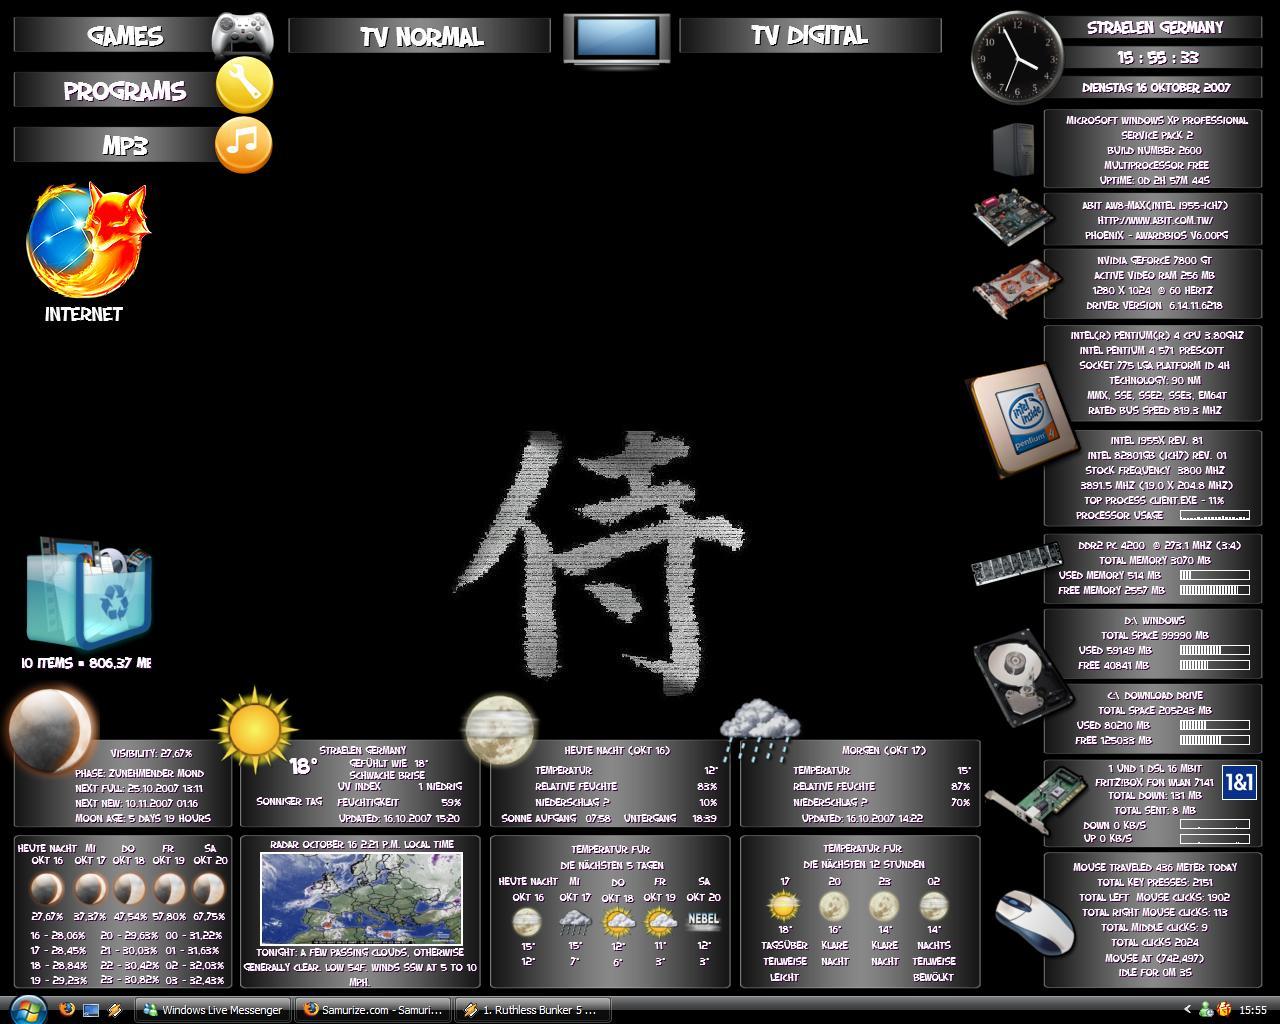 Title: Extrem Desktop v1.0